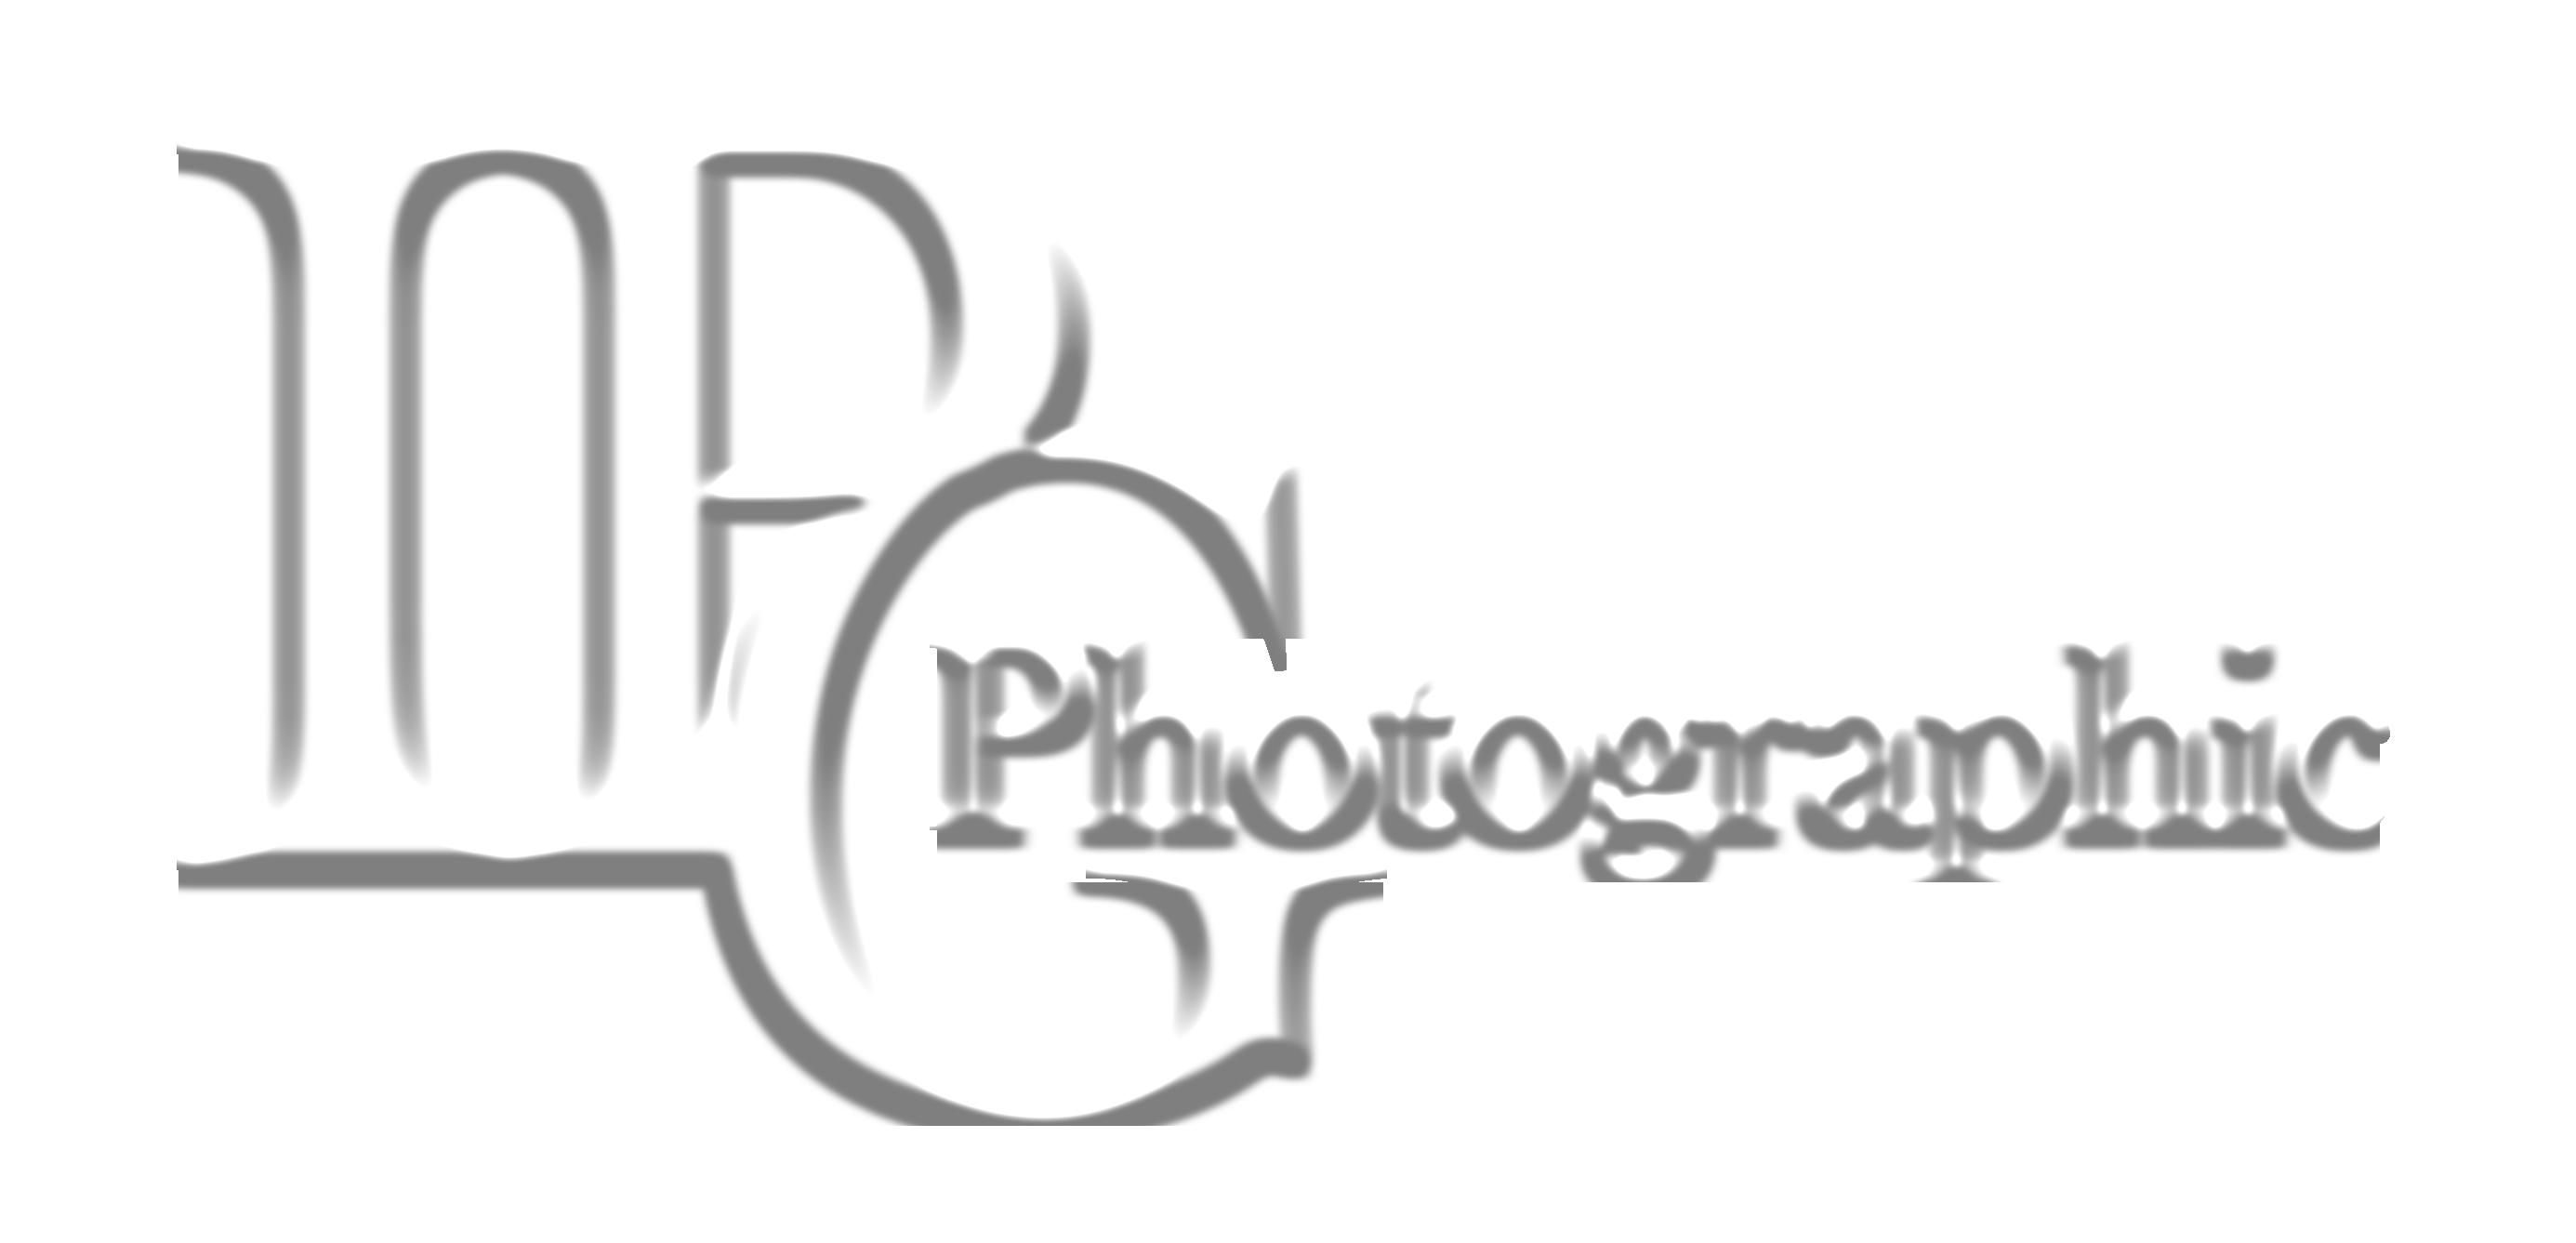 LPG Photographic